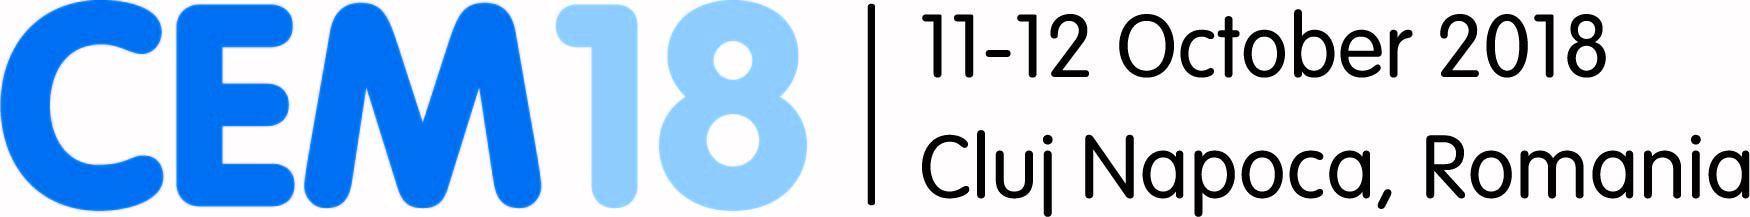 CEM18